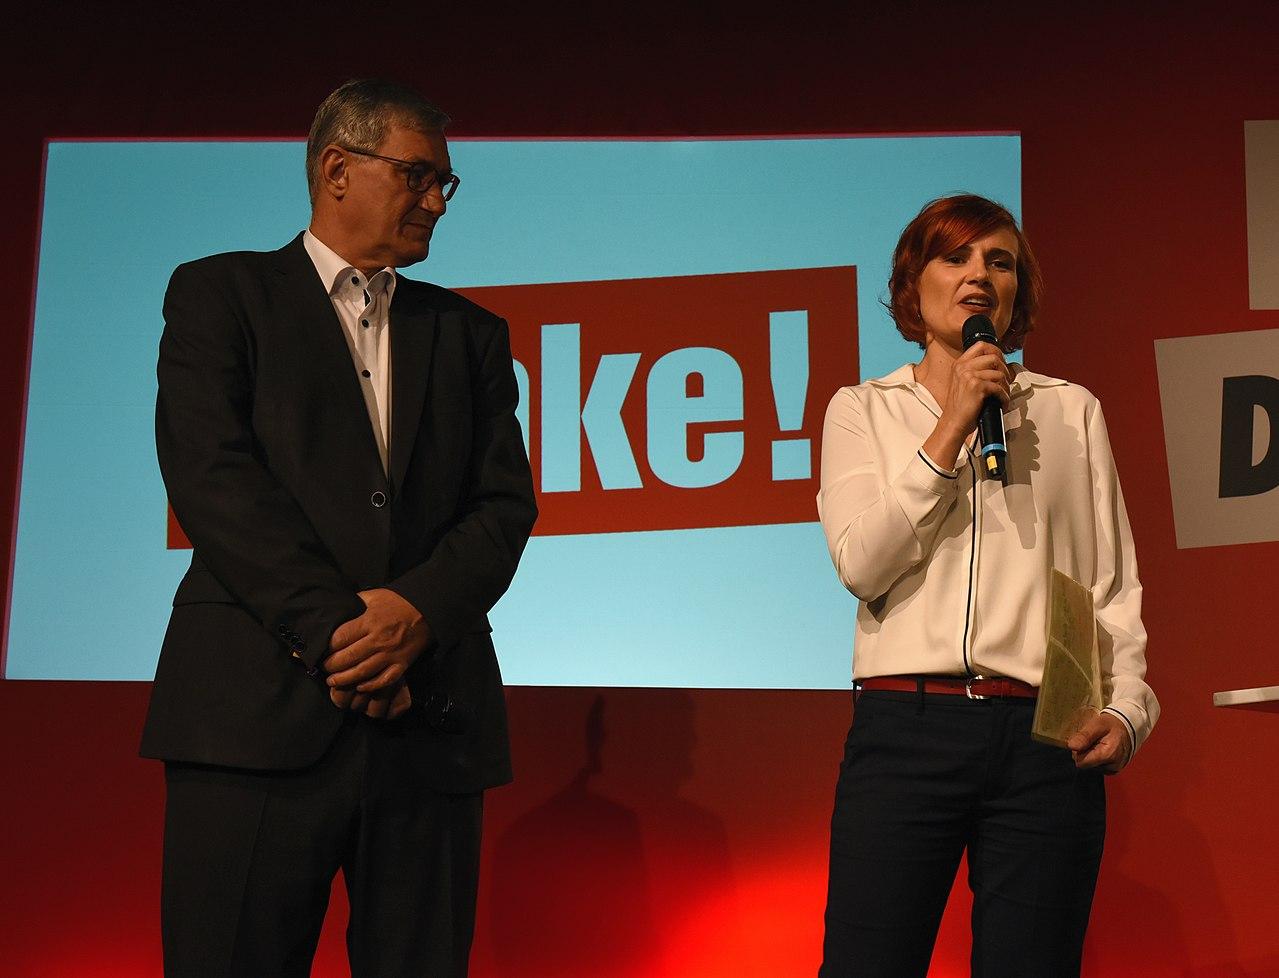 Bernd Riexinger und Katja Kipping bei der Bundestagswahl 2017 Wahlabend Die Linke (Martin Rulsch) 55.jpg